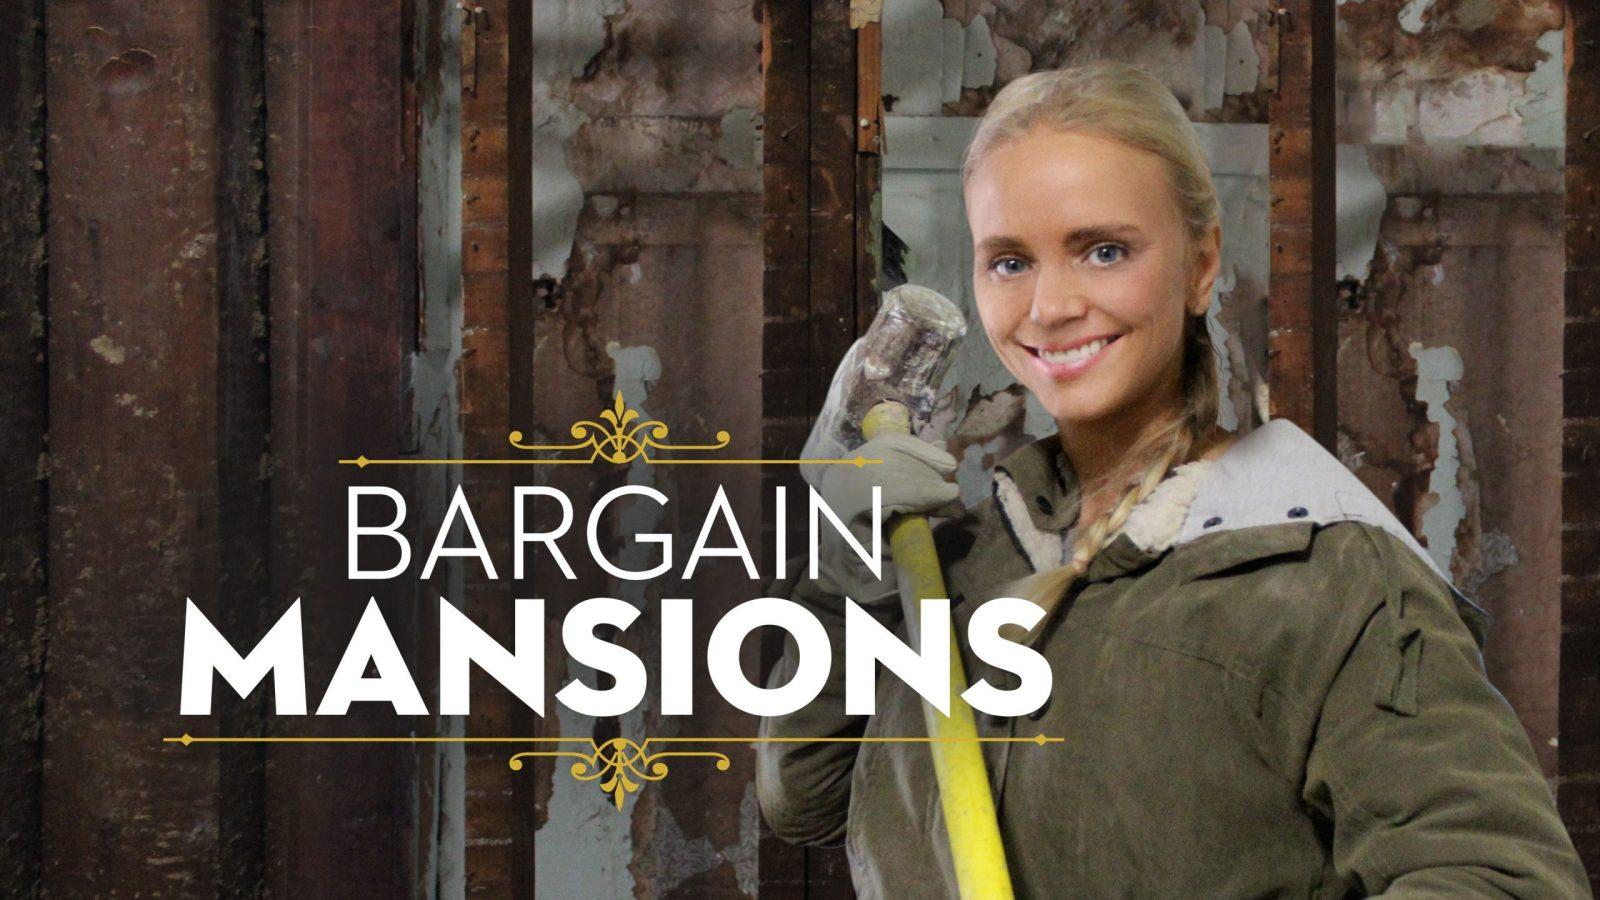 where is bargain mansions filmed